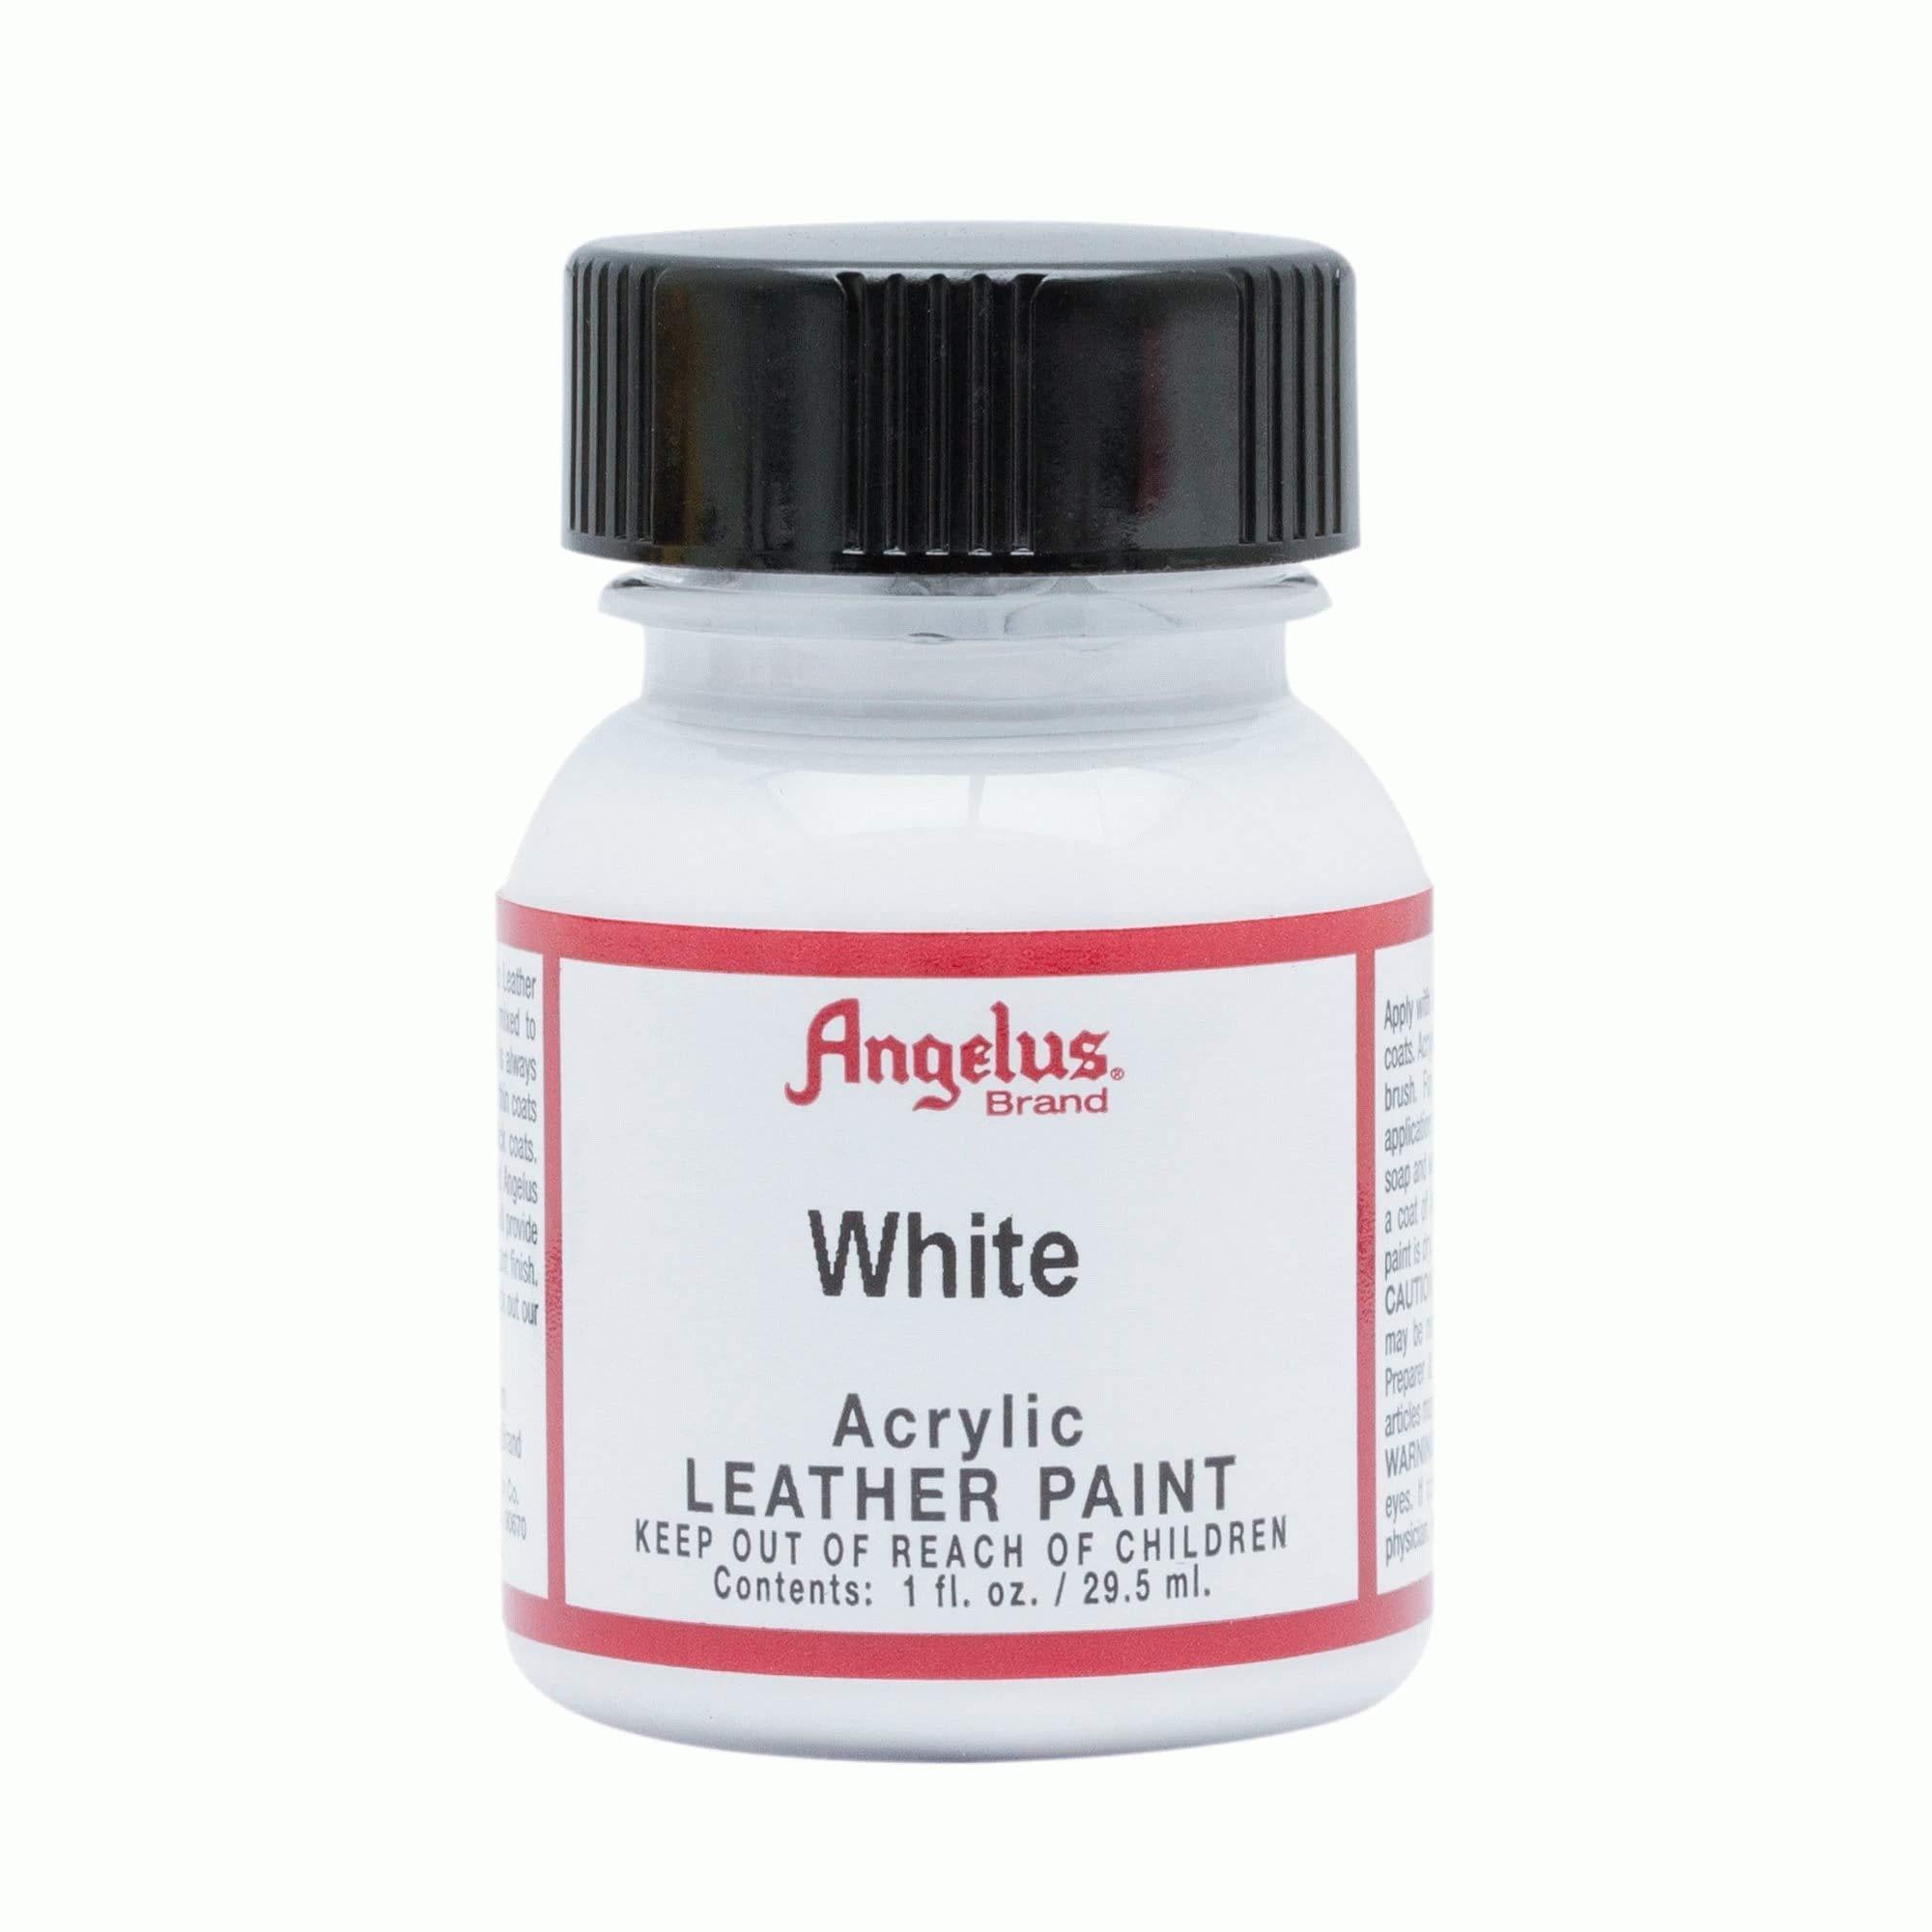 Angelus Acrylic Leather Paint, White, 1 oz